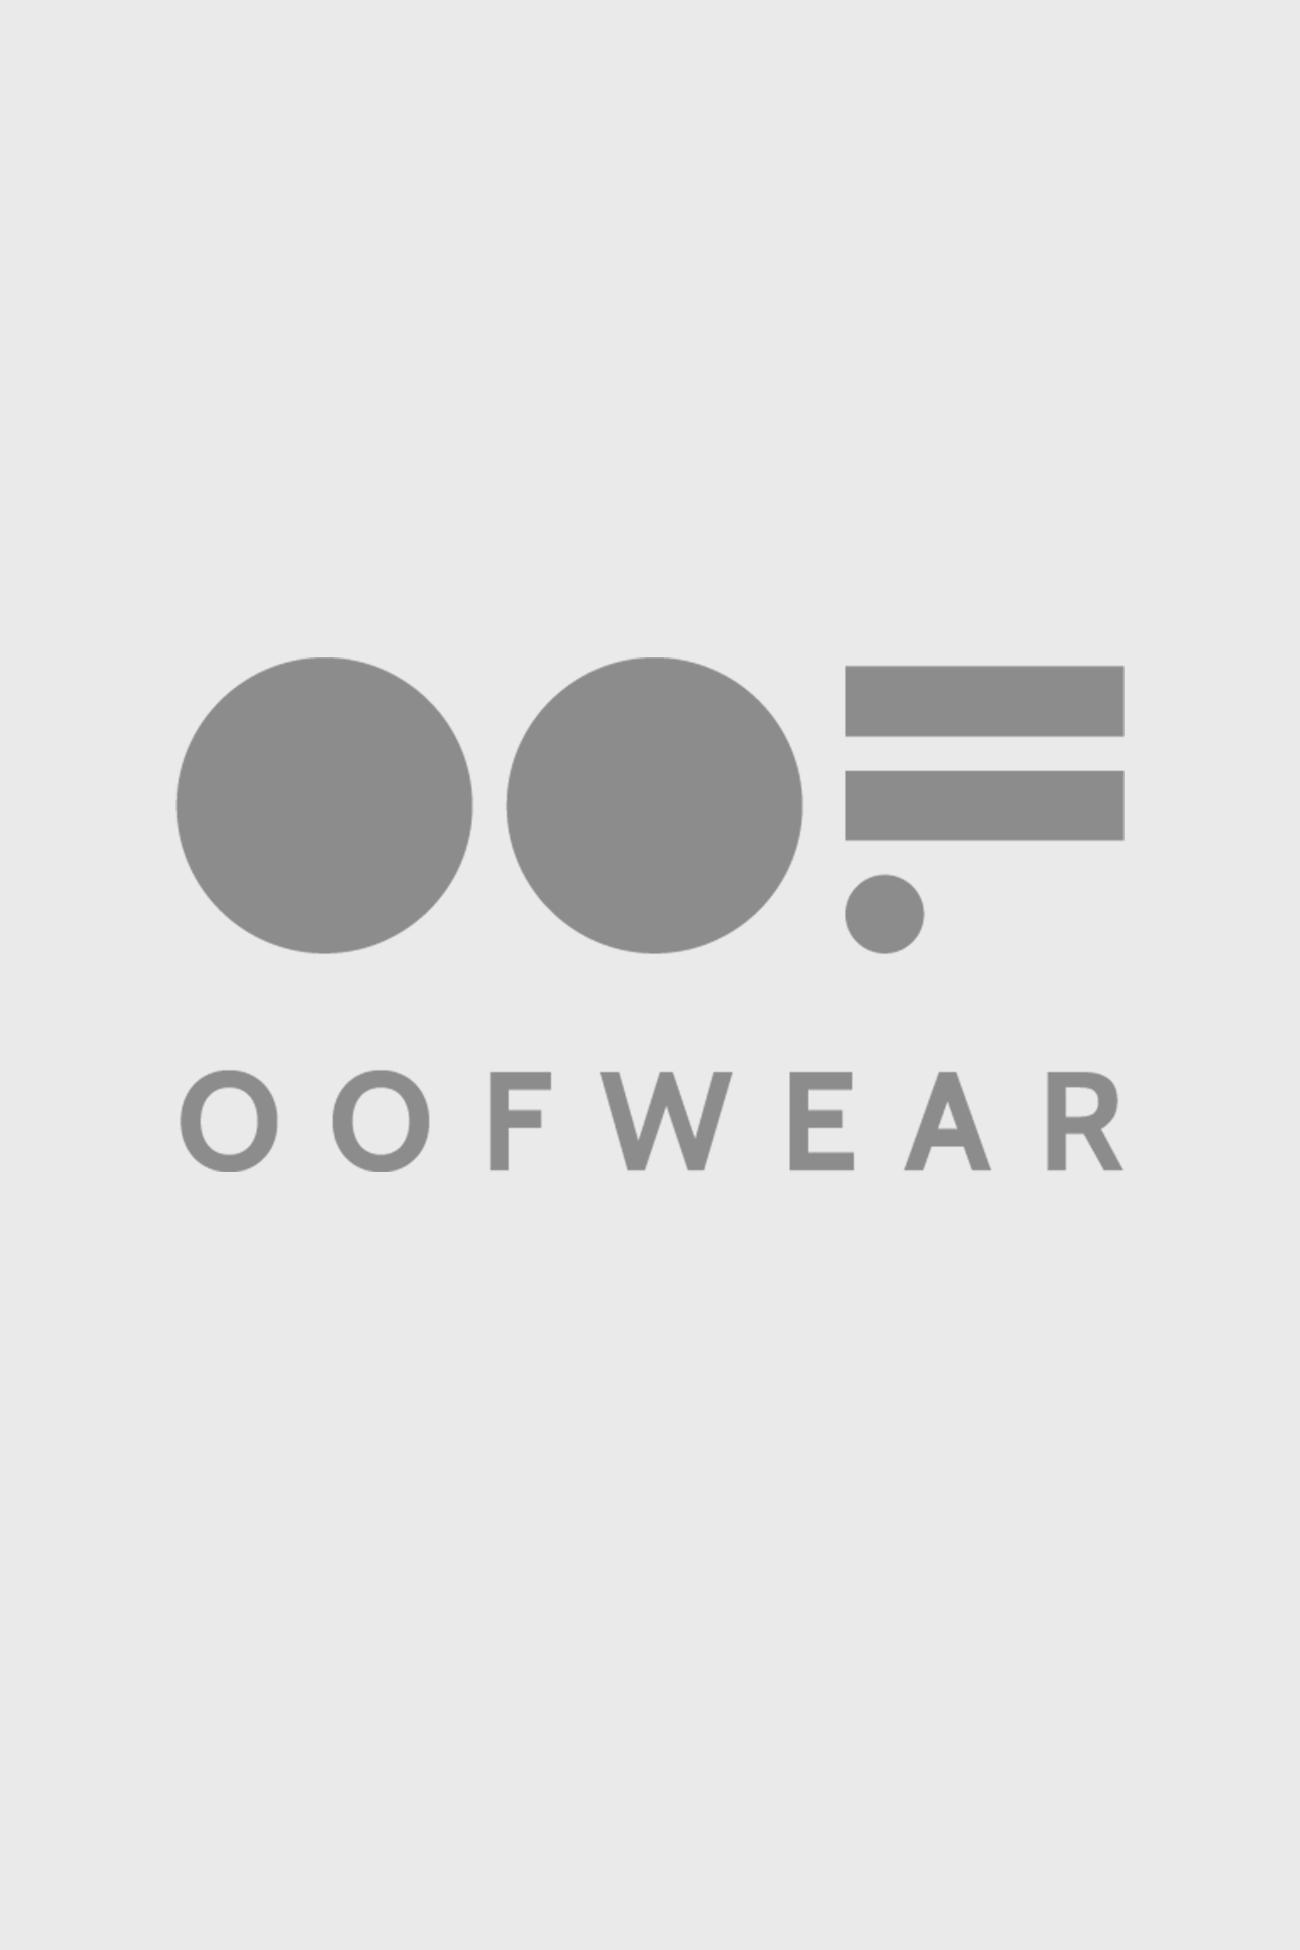 Women's t-shirt with logo